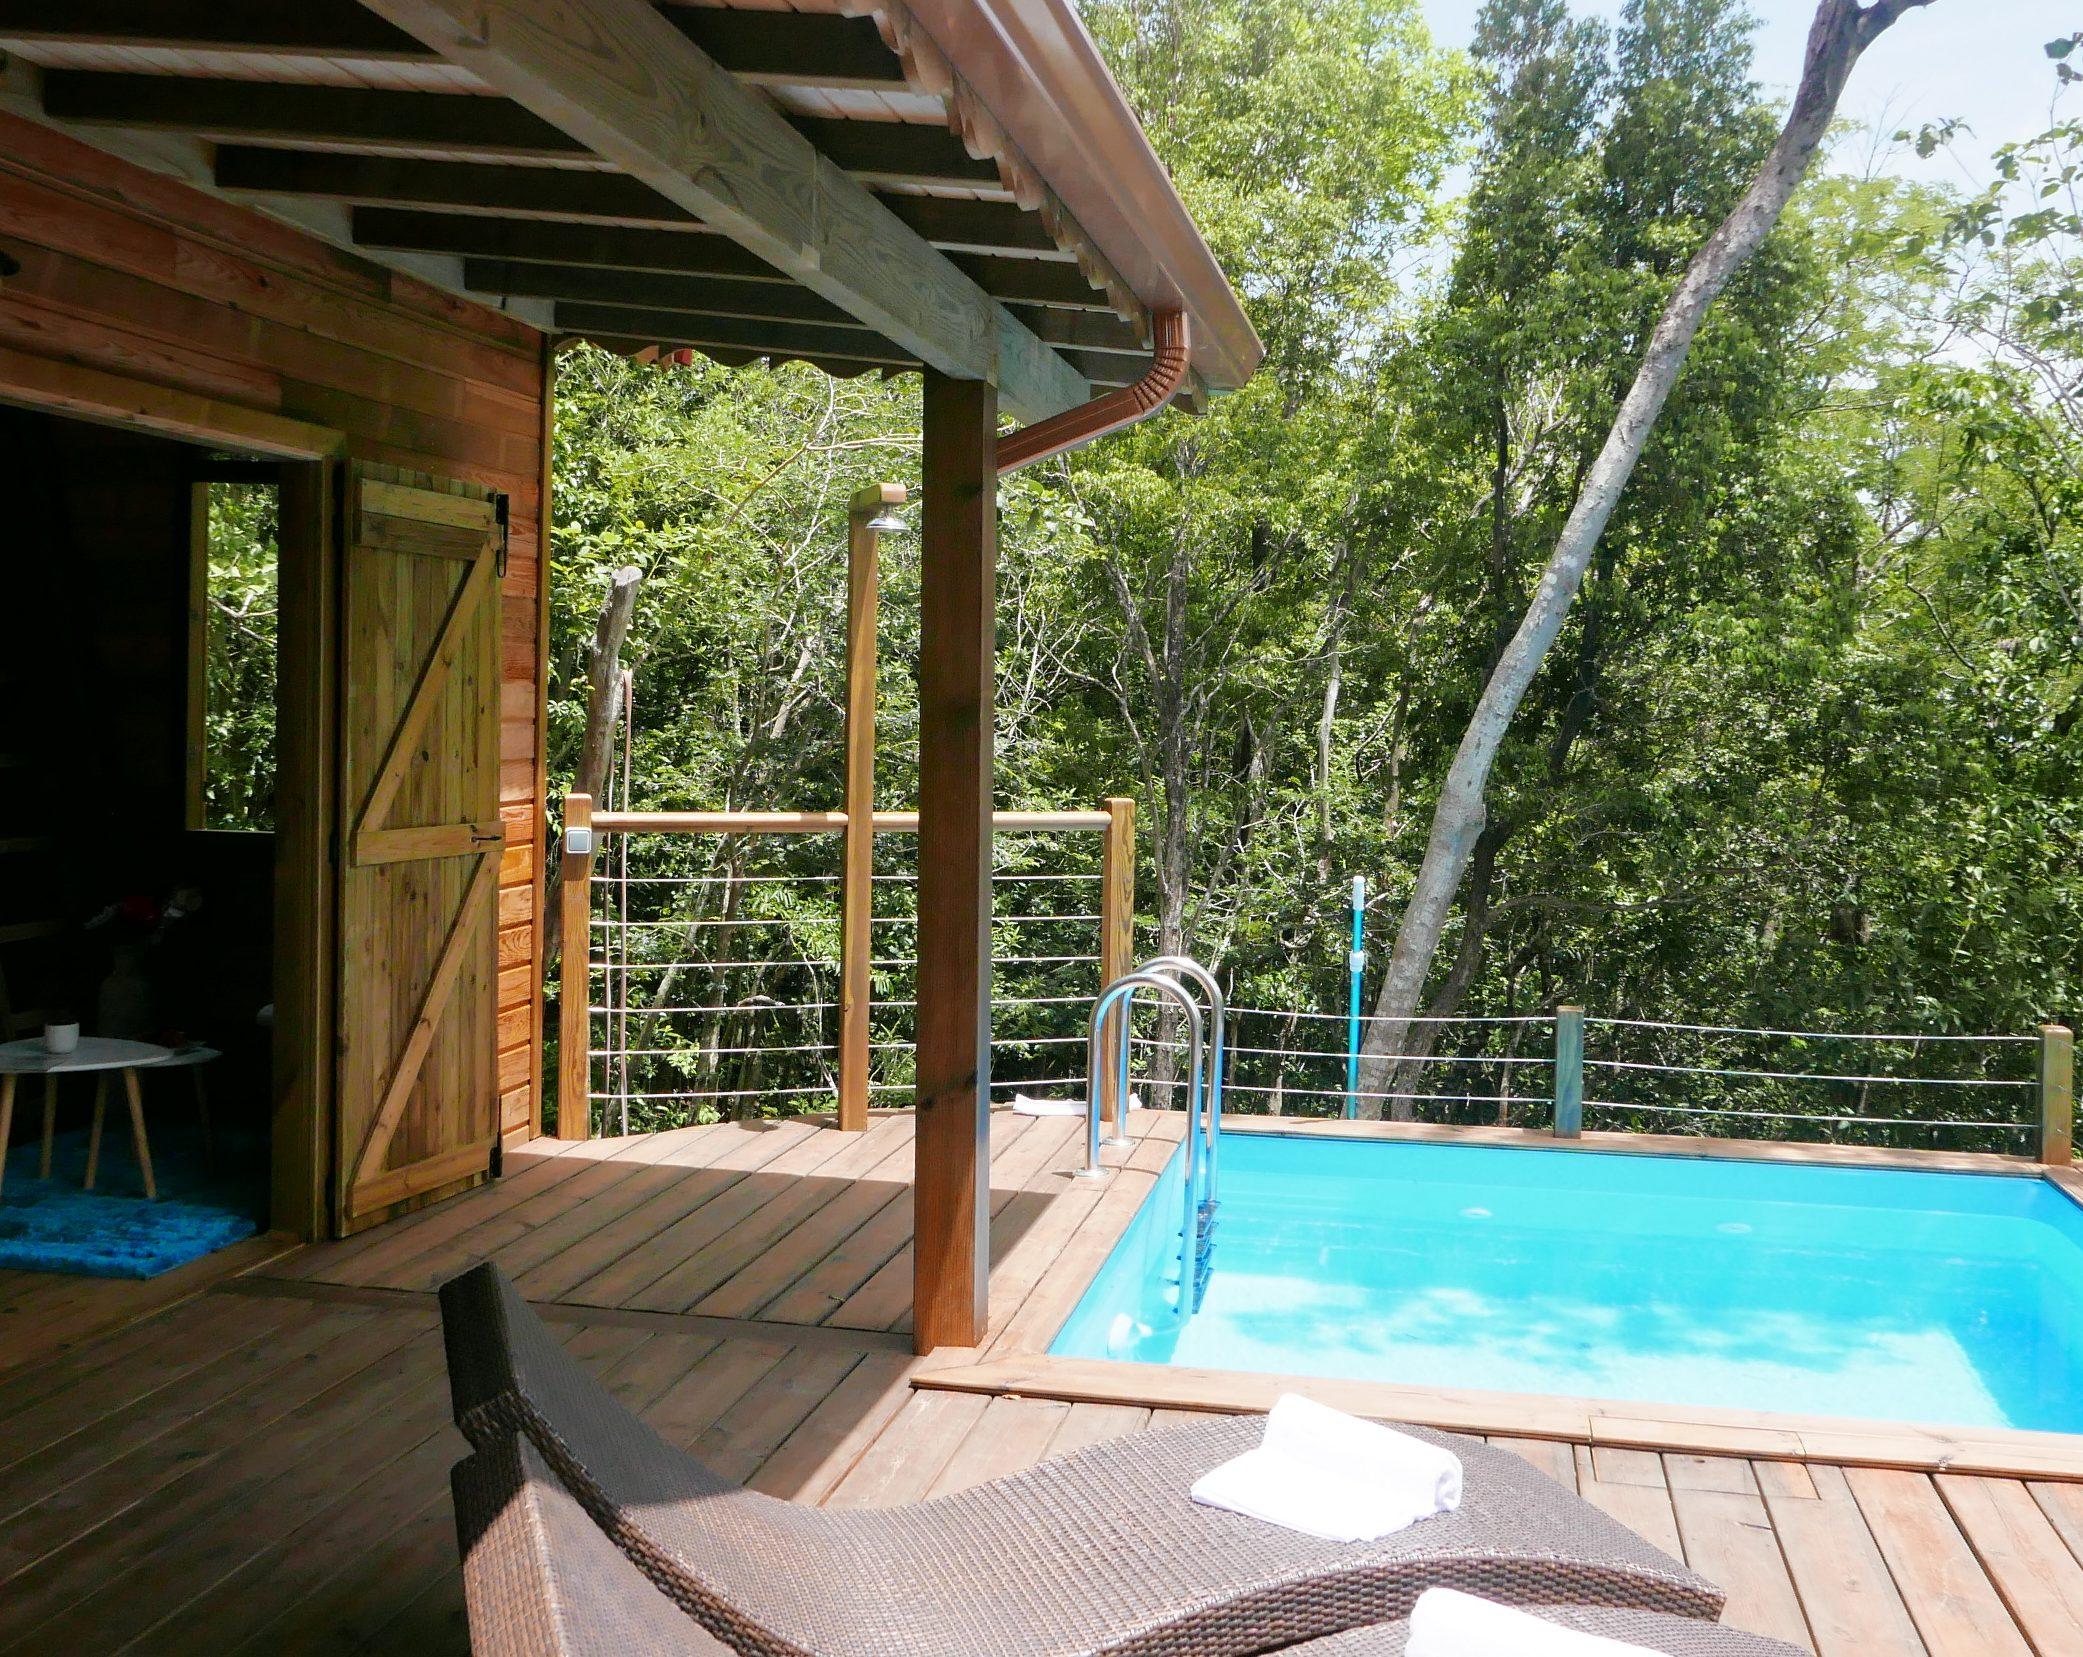 Tendance Eco-Lodge : L'exemple Du Jardin Des Colibris En ... intérieur Au Jardin Des Colibris